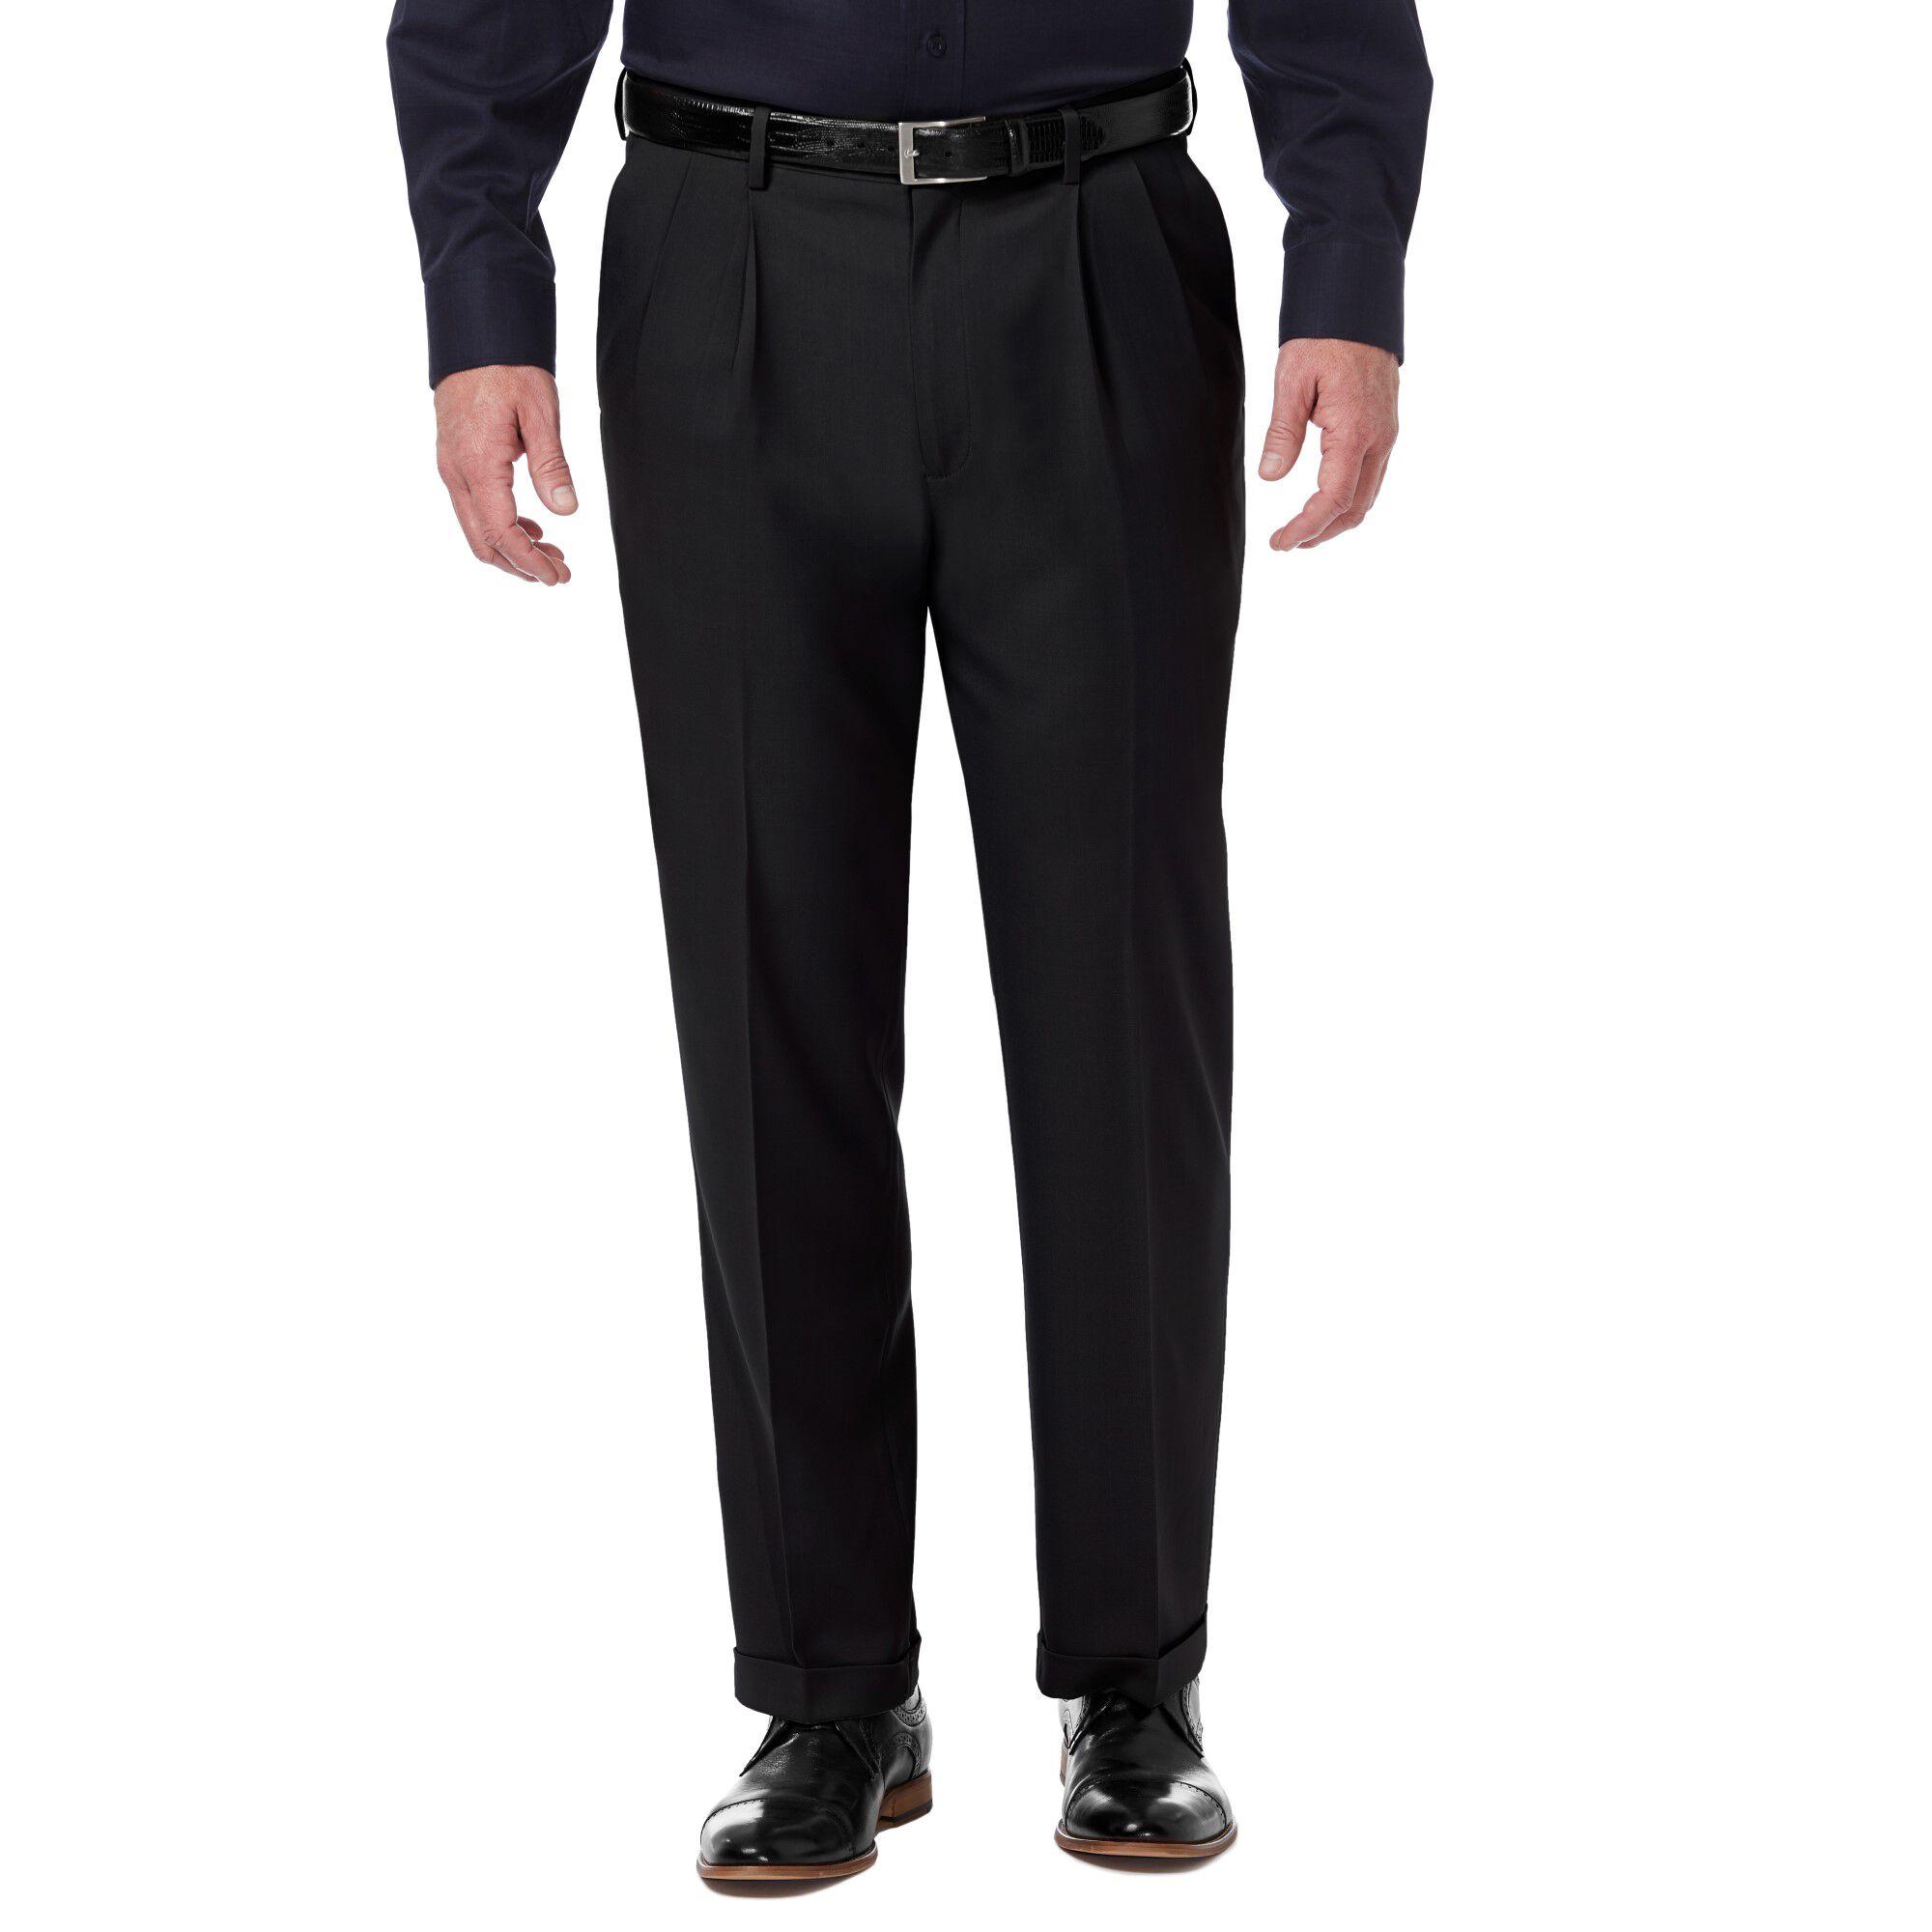 Haggar Mens Premium Comfort Straight Fit Flat Front Dress Pant